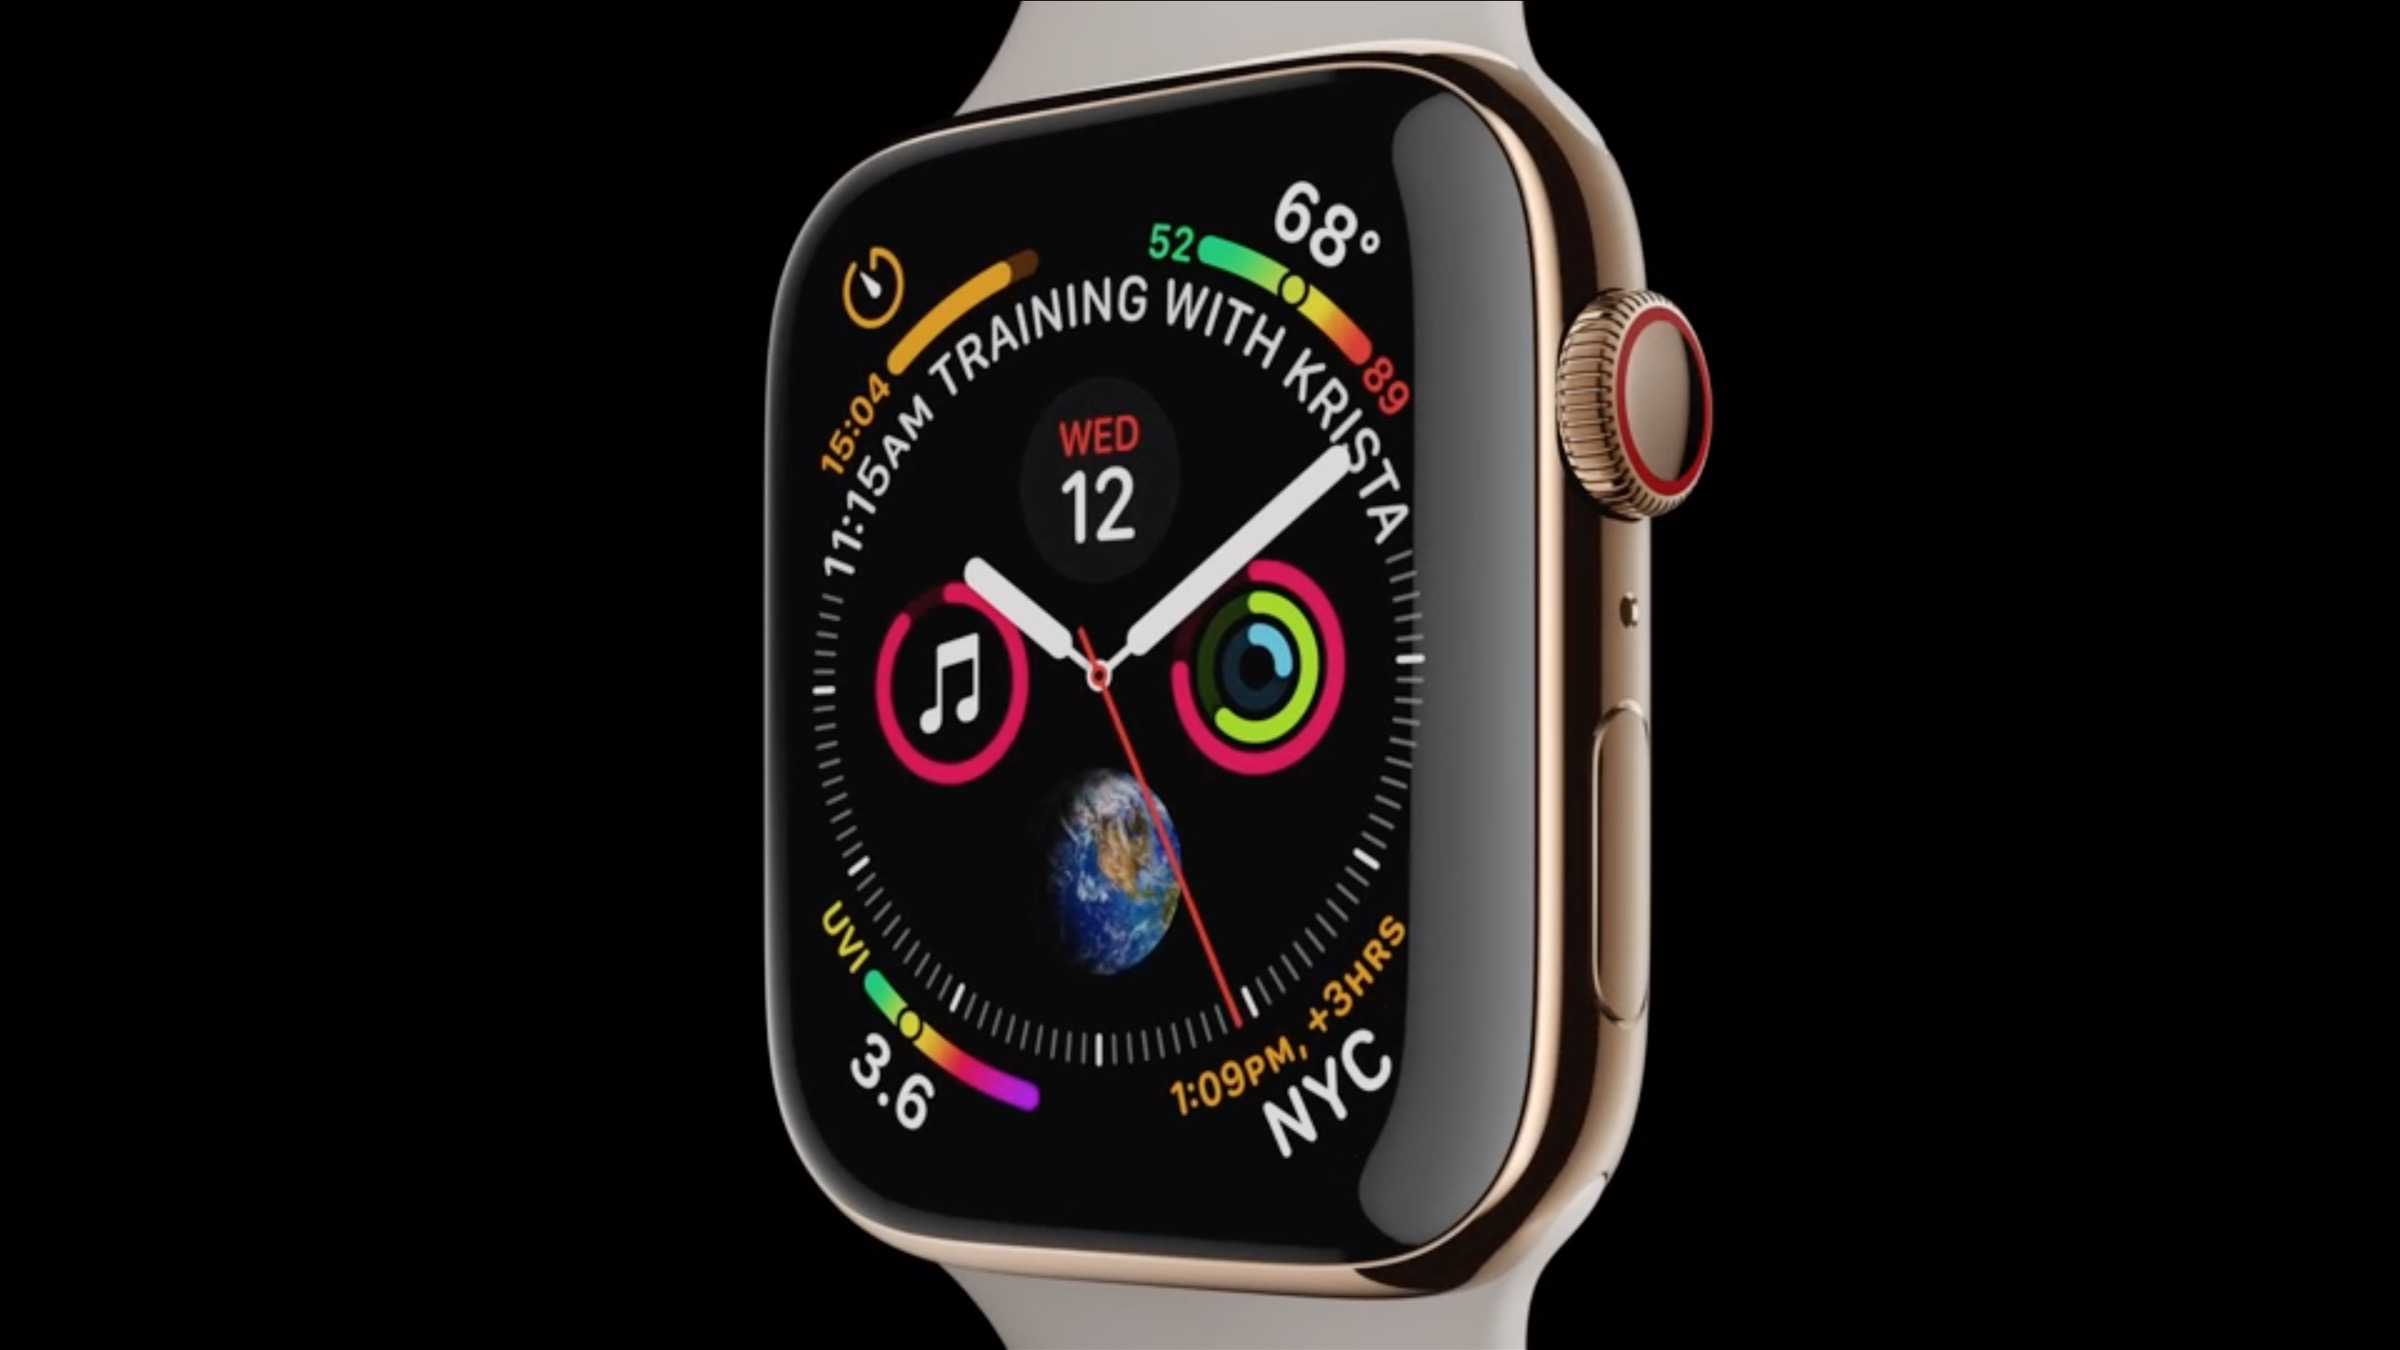 Qué debes tener en cuenta al comprar un Apple Watch en 2018